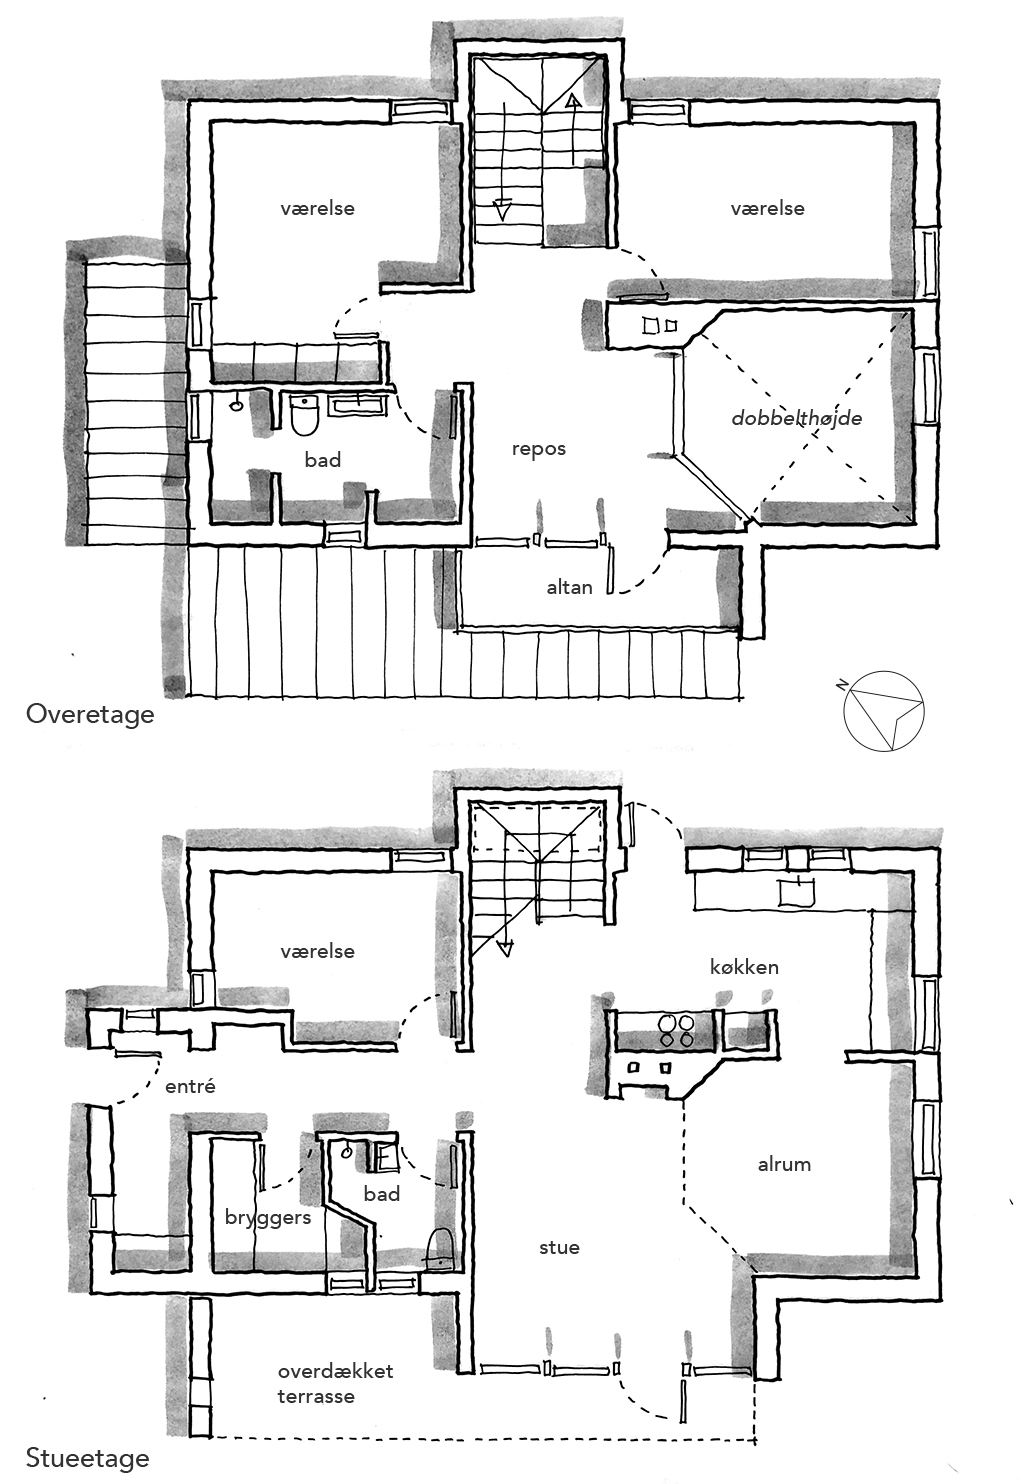 Arkitekttegning, planskitse, plantegning, håndtegning